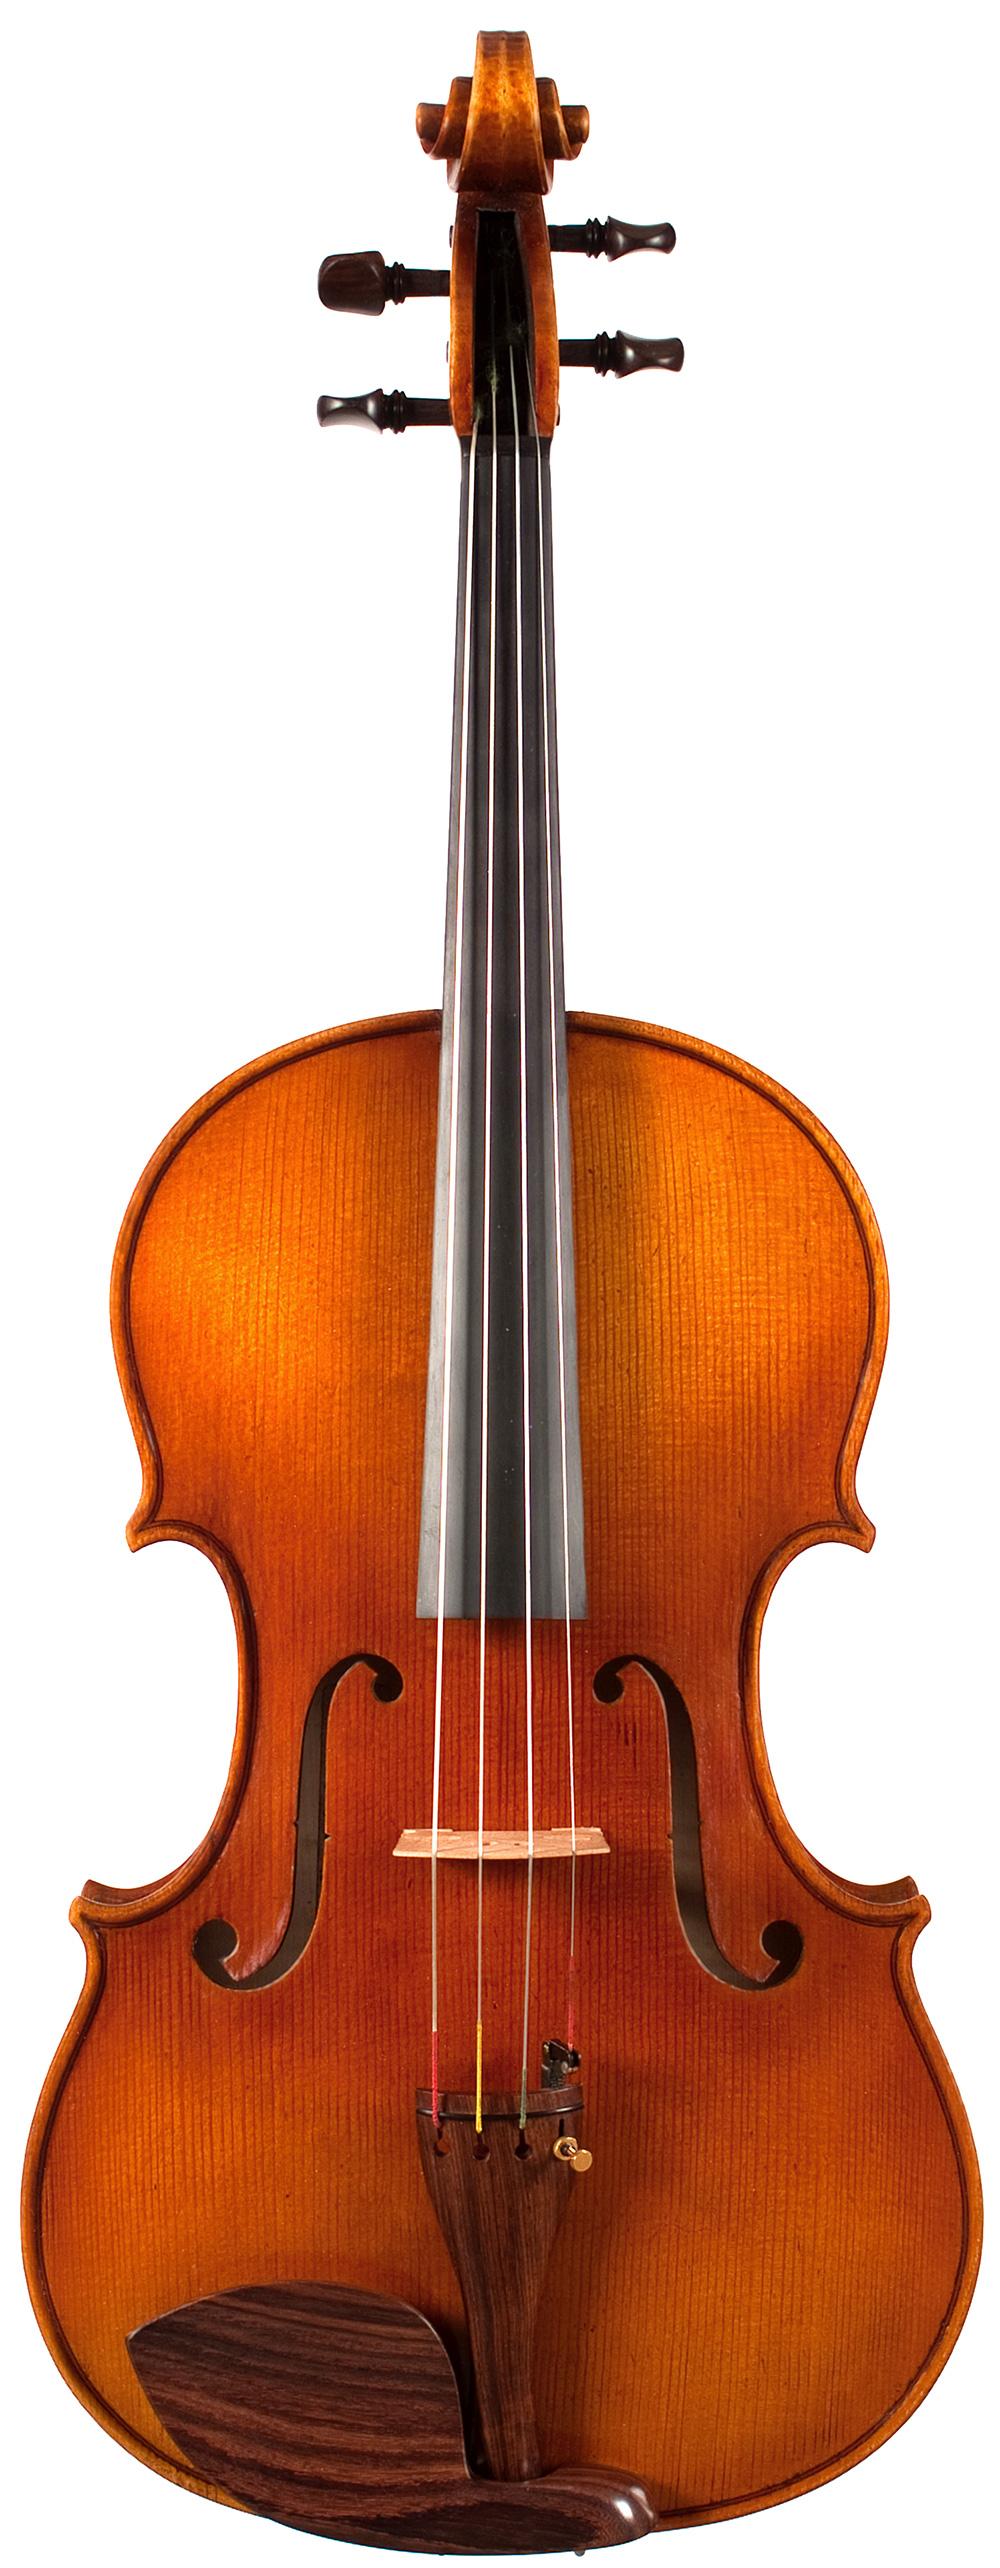 BOBAK VIOLINO - Violin Maker and Dealer in Fine Instruments - Violins ...